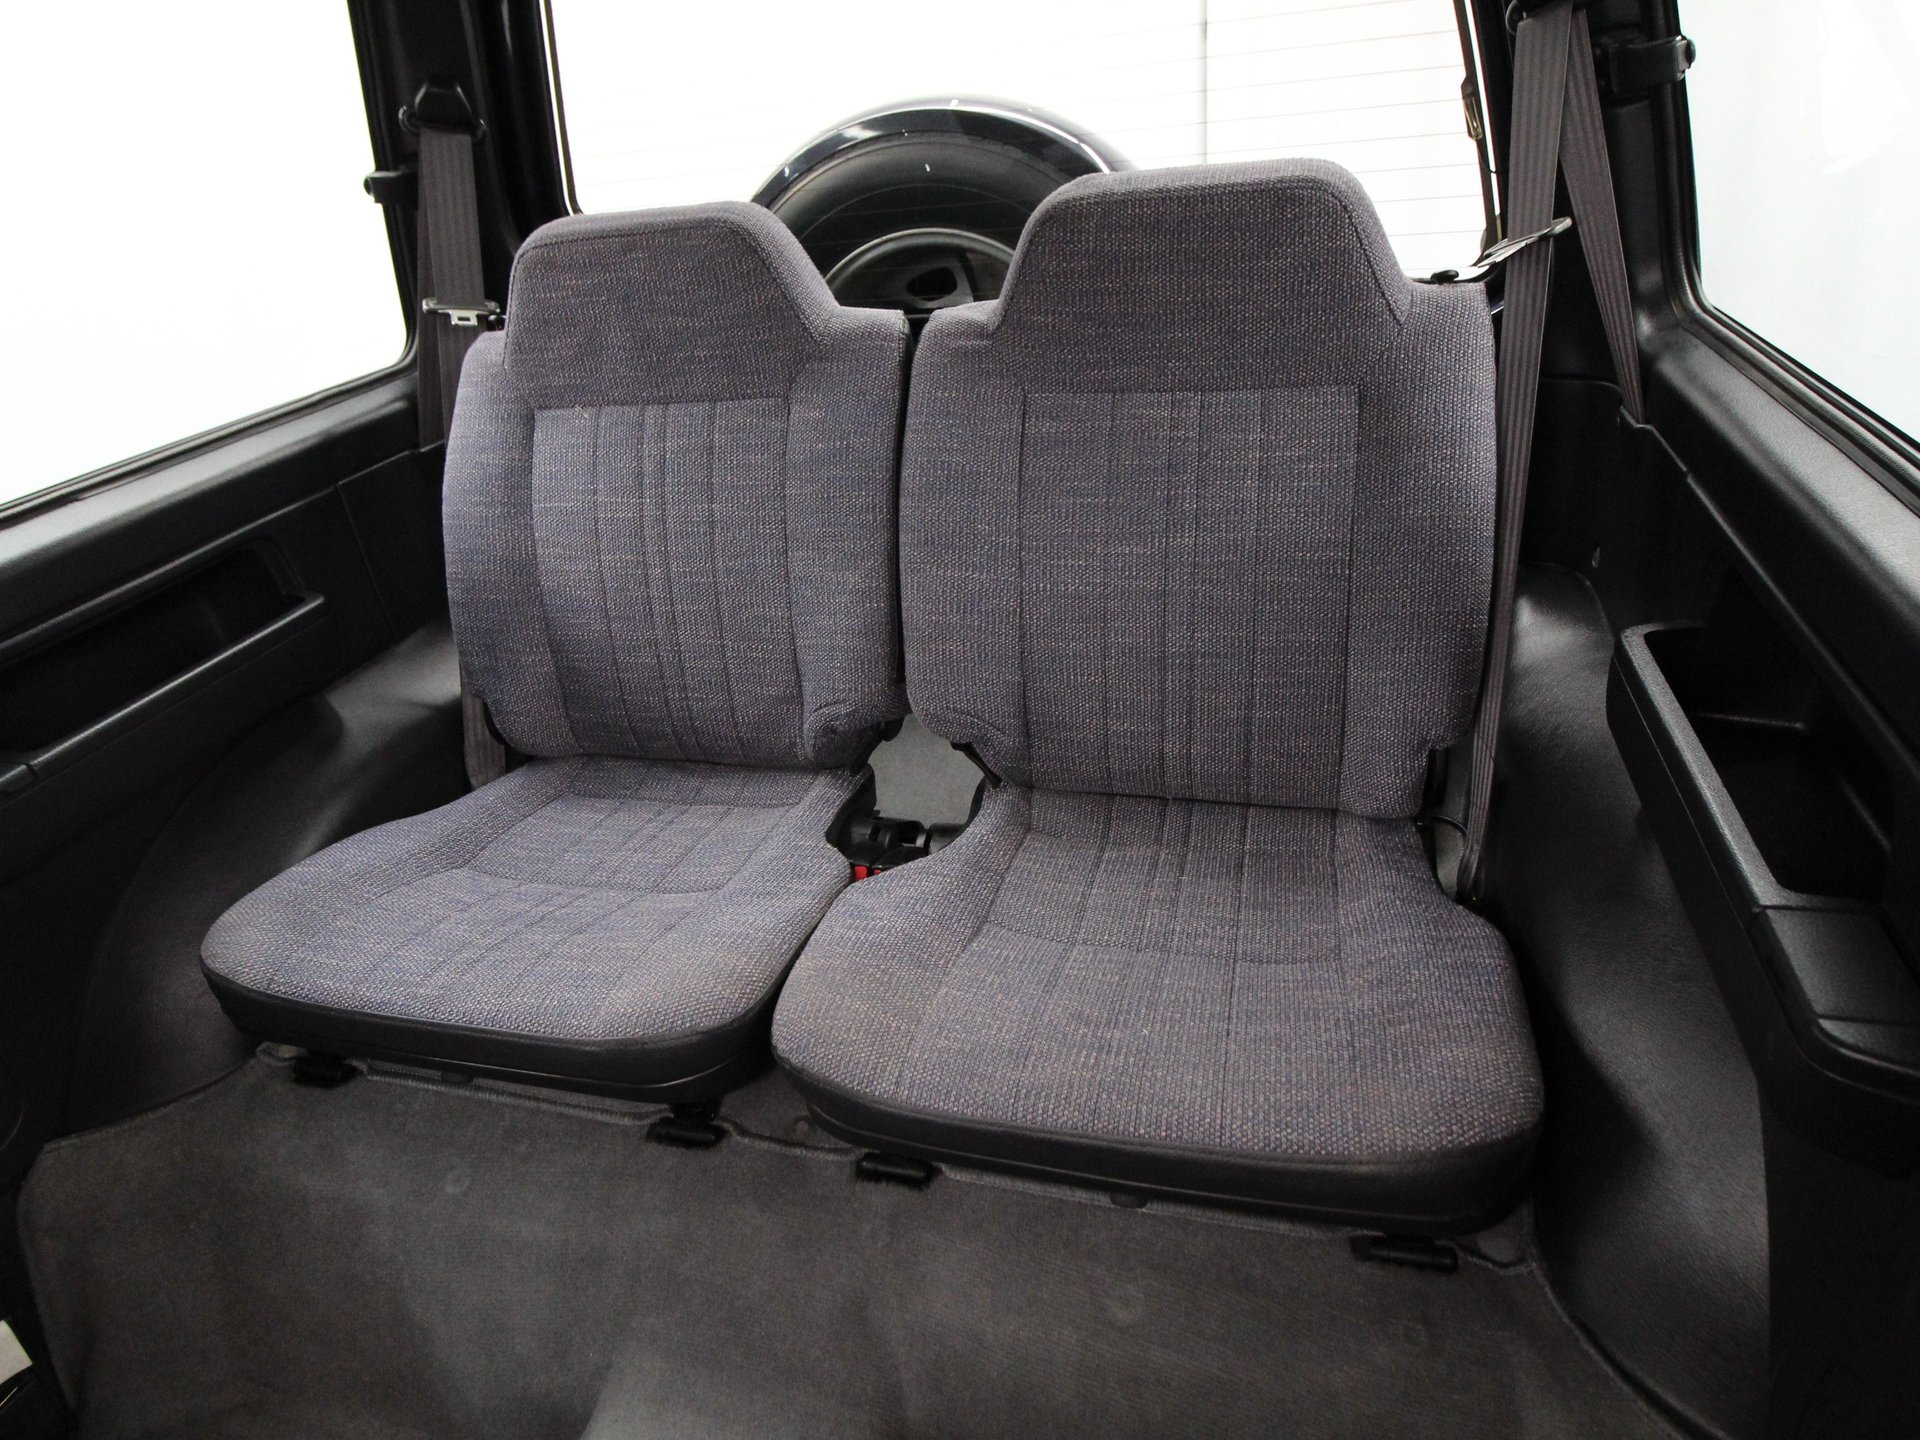 1994 Suzuki Escudo